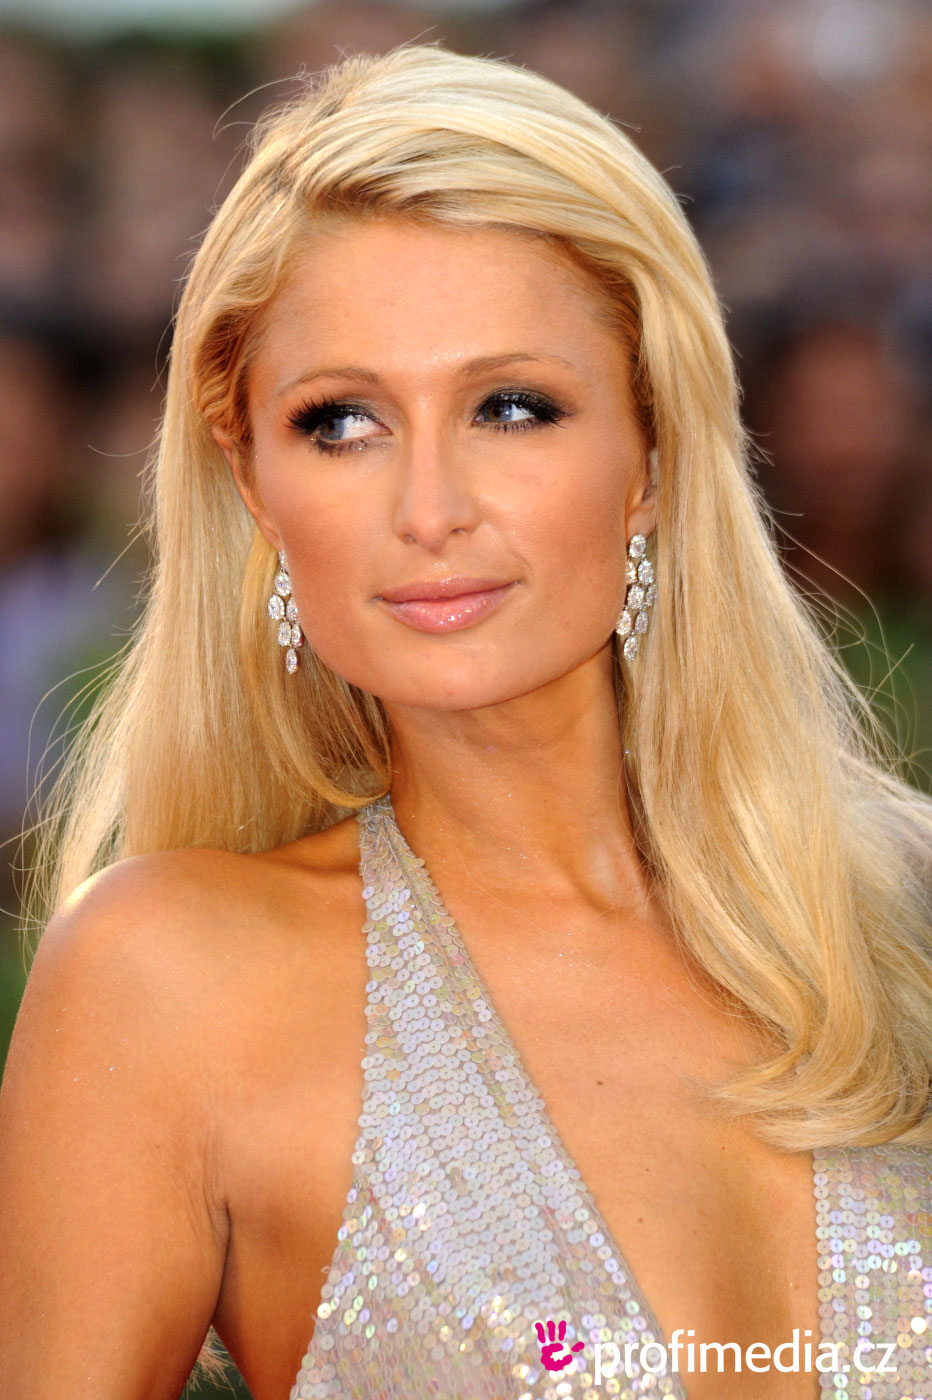 Paris Hilton Hairstyle Easyhairstyler